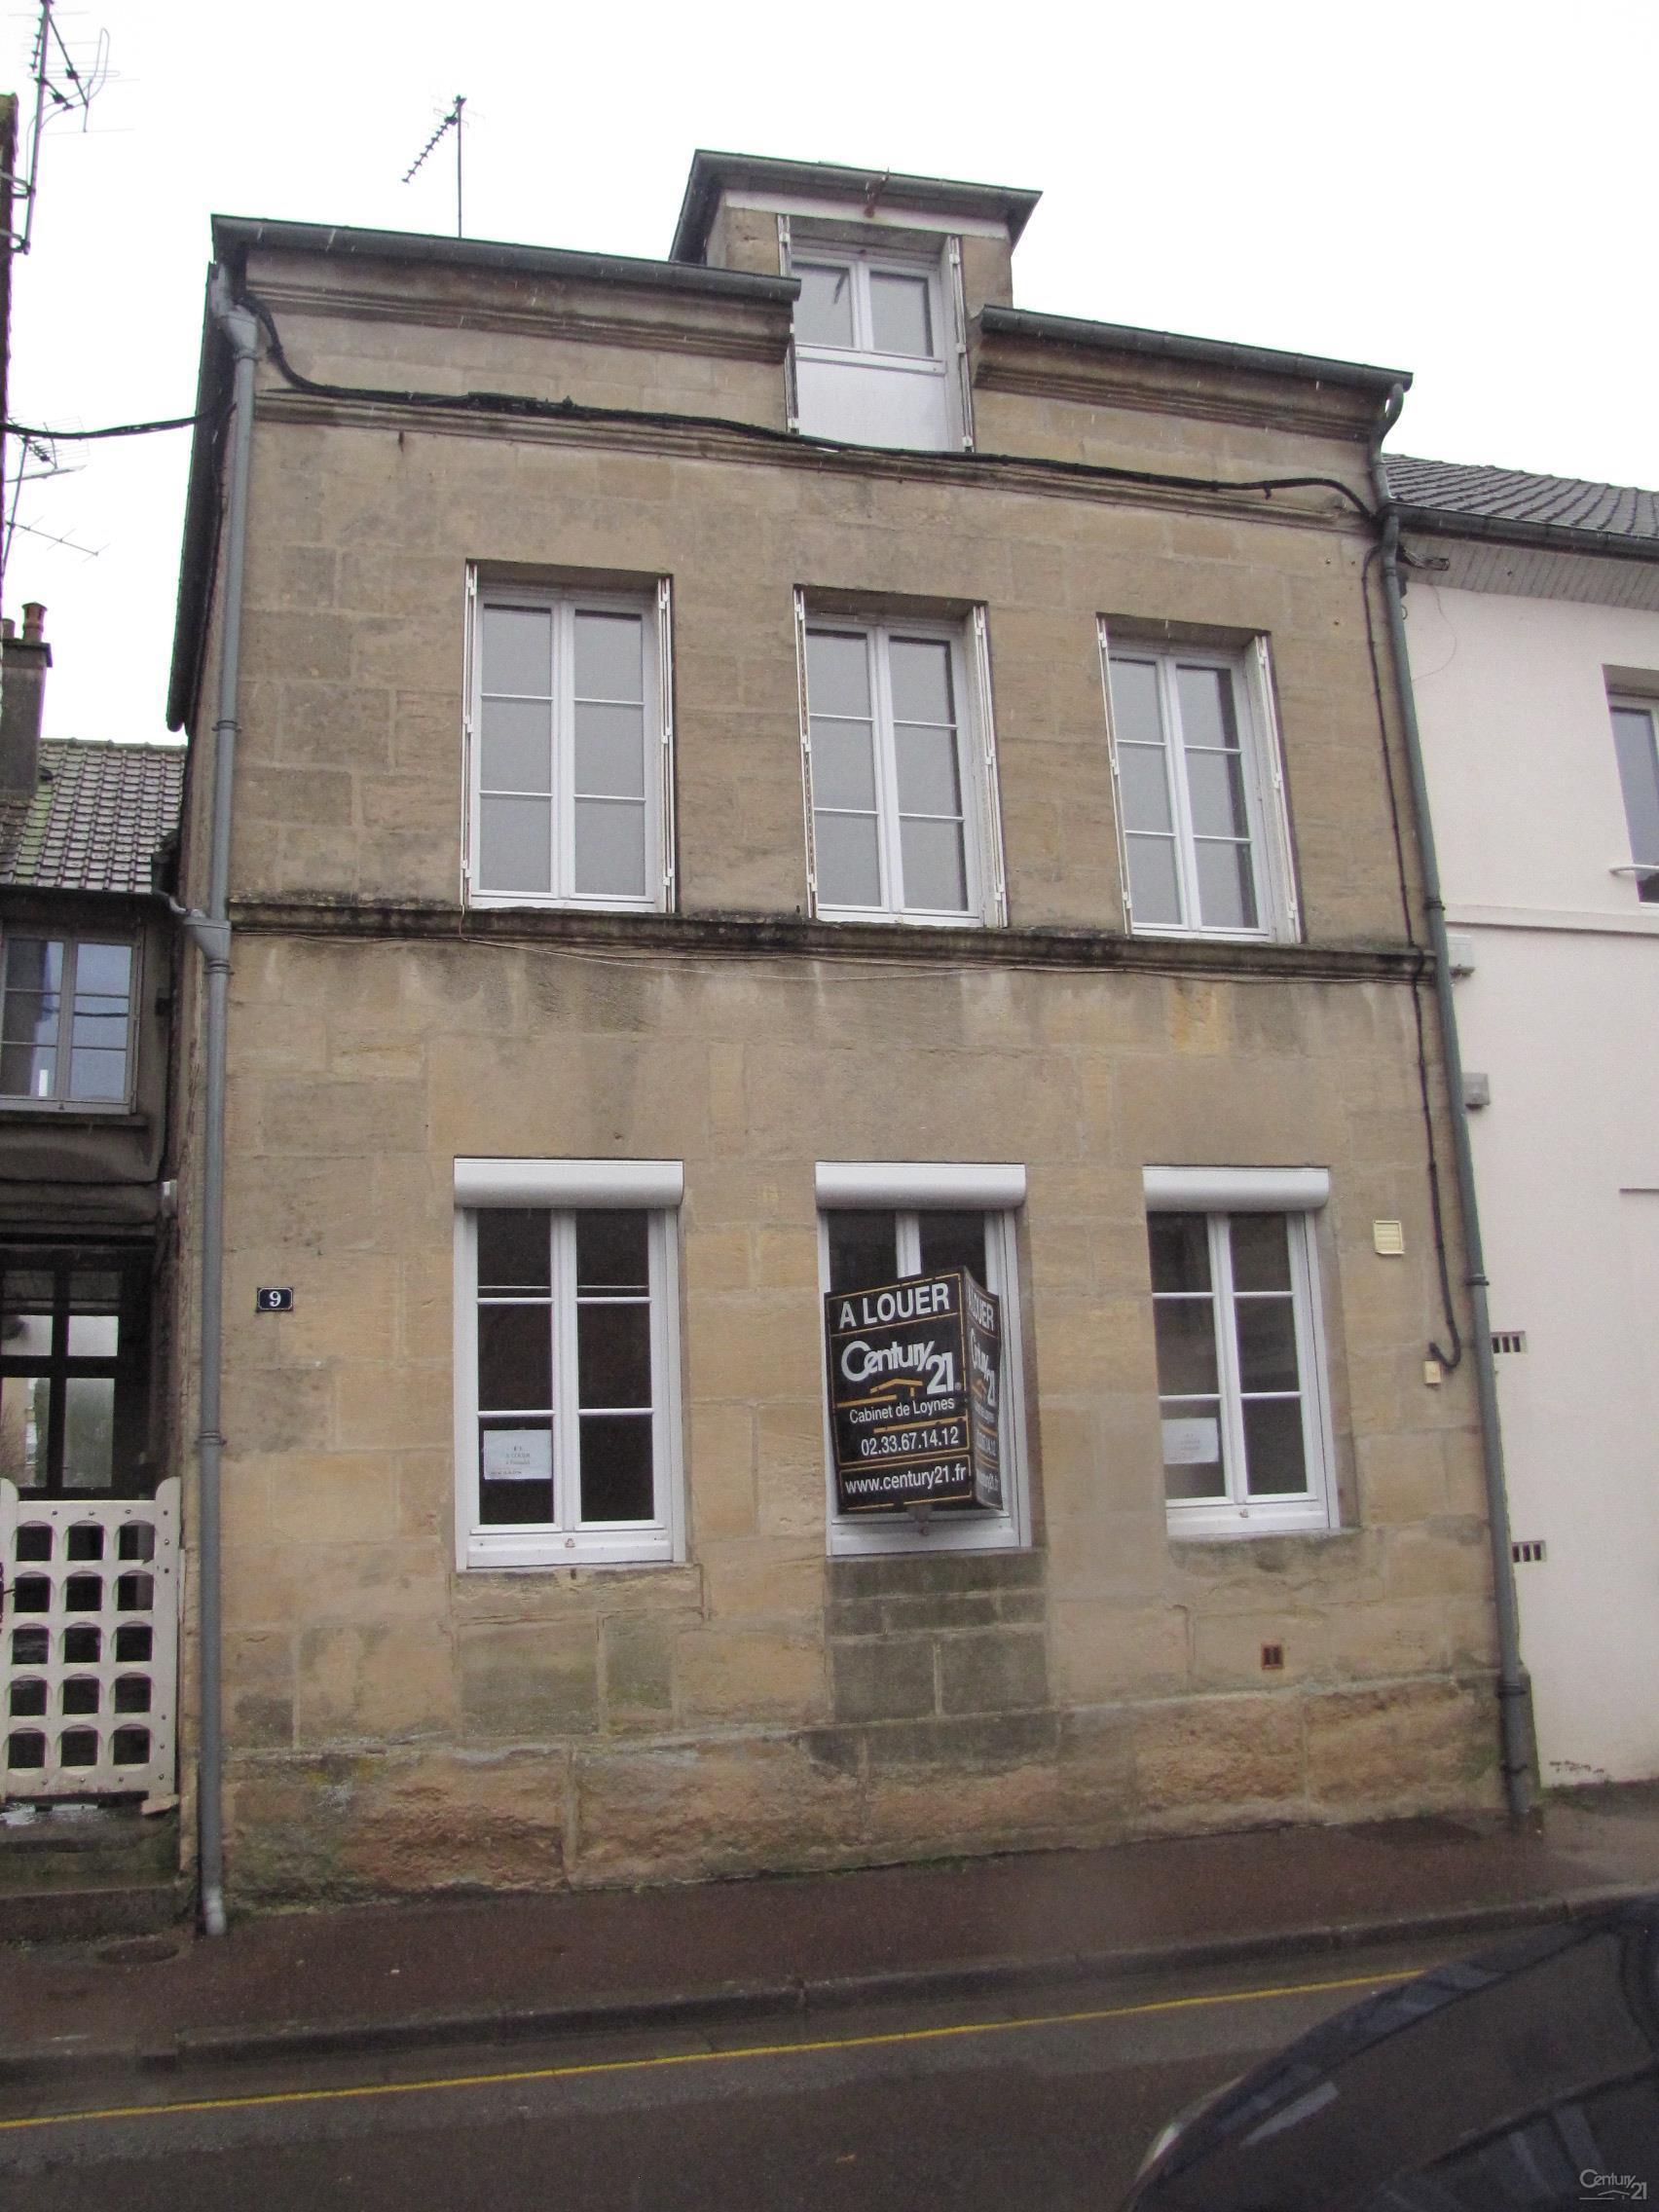 Maison à louer - 3 pièces - 55 m2 - ECOUCHE - 61 - BASSE-NORMANDIE